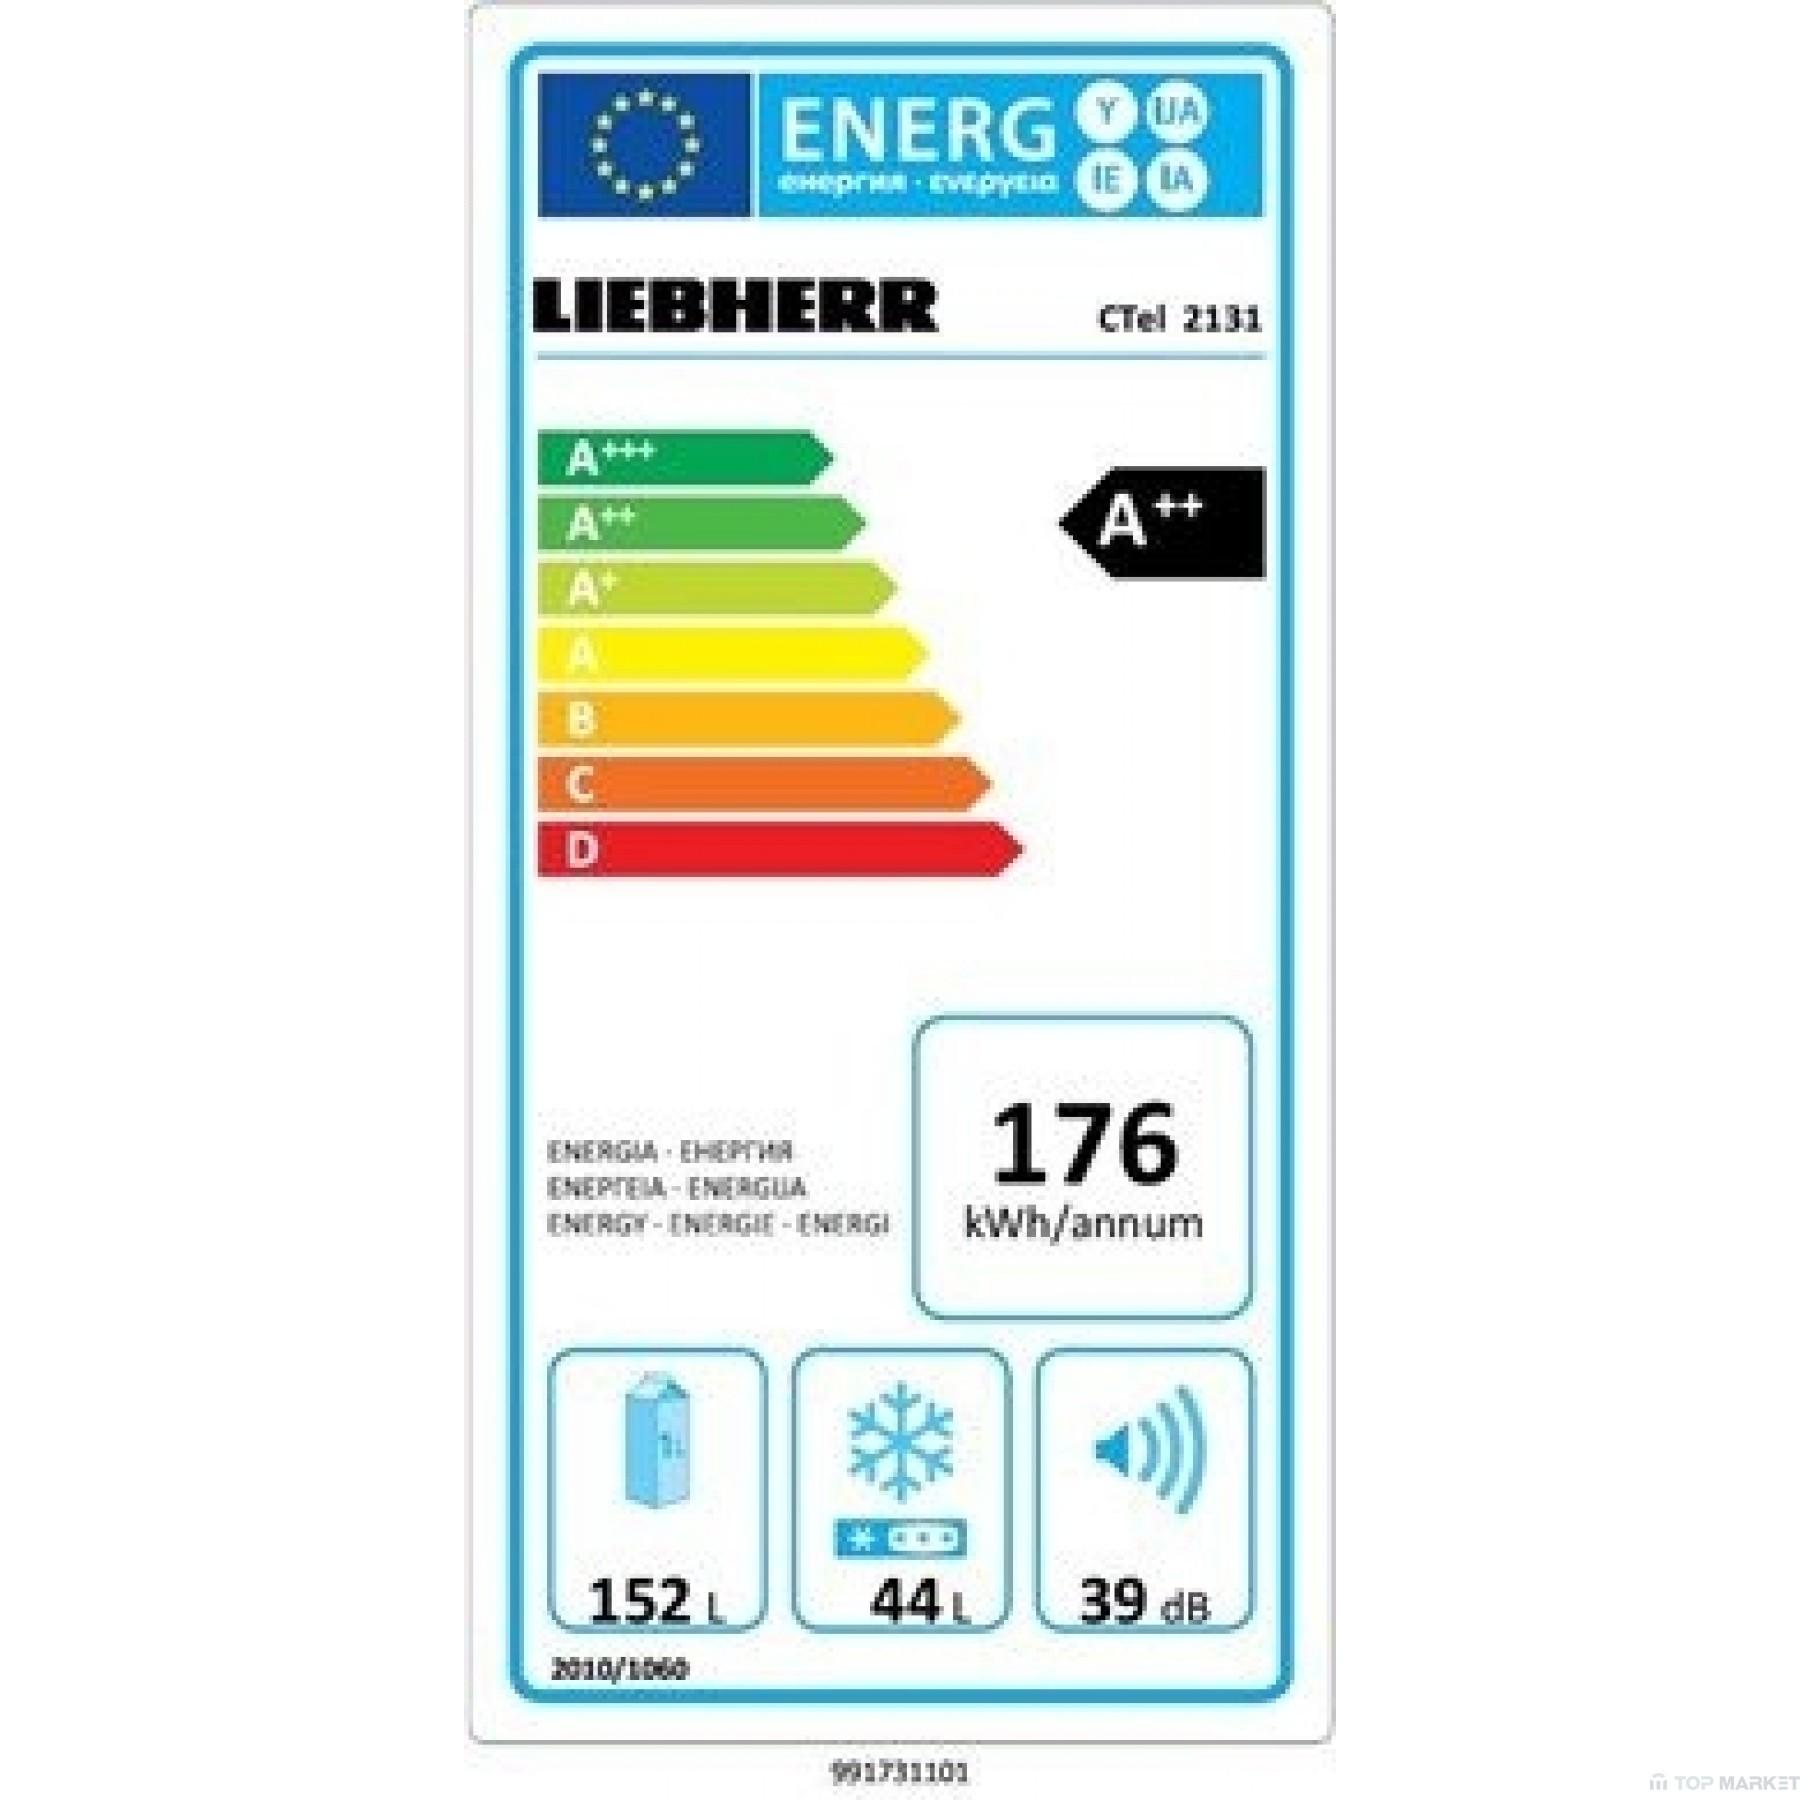 Хладилник LIEBHERR CTеl 2131